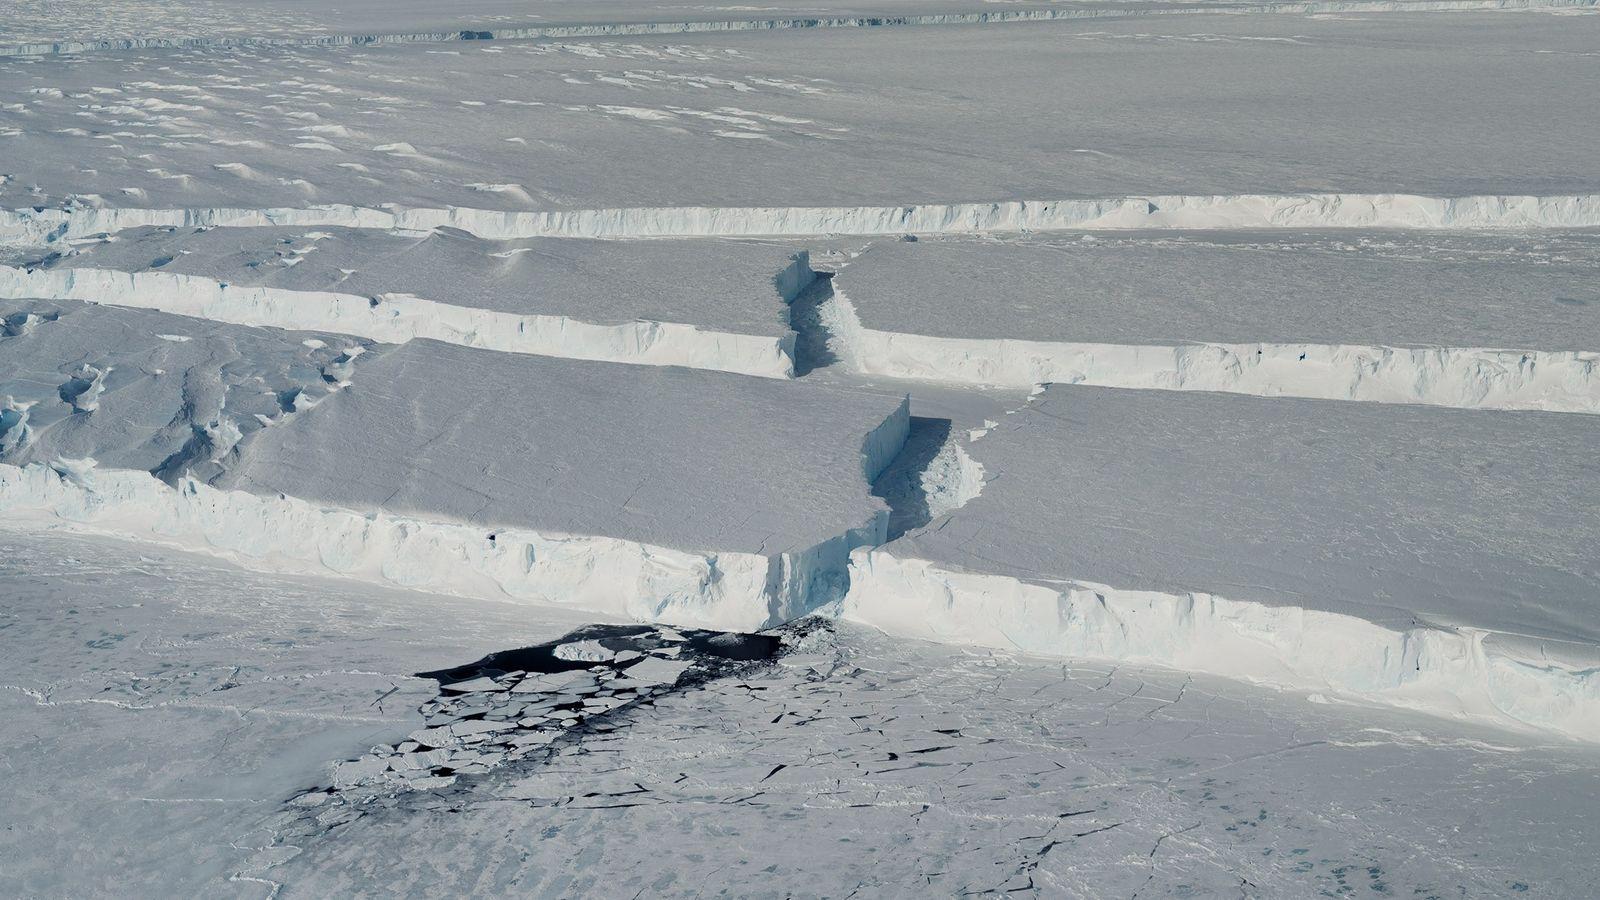 """Desfiladeiros de gelo sinuosos marcam o limite do novo icebergue, batizado de """"B-46"""", à medida que ..."""